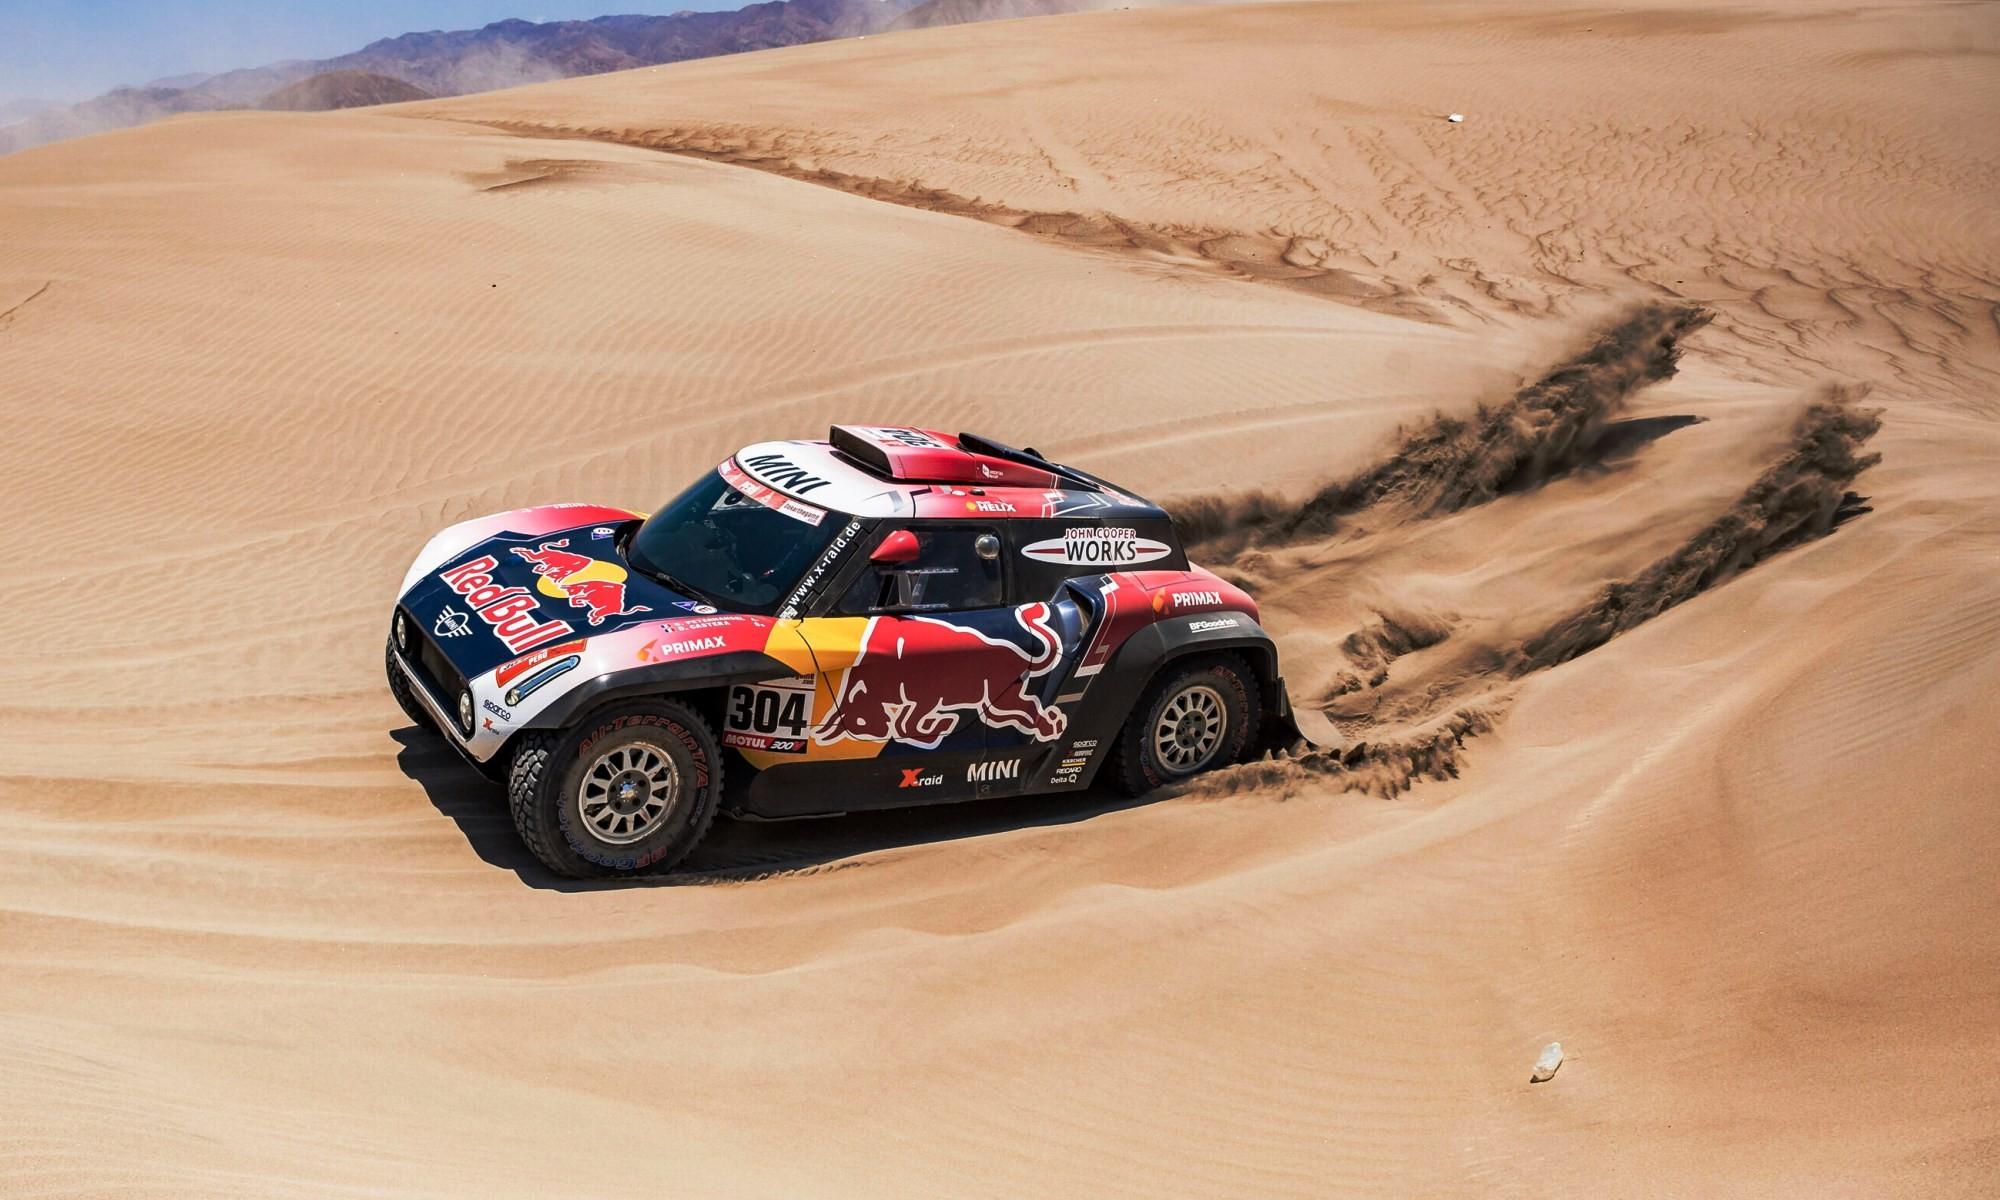 Stephane Peterhansel claimed Dakar Rally stage 7